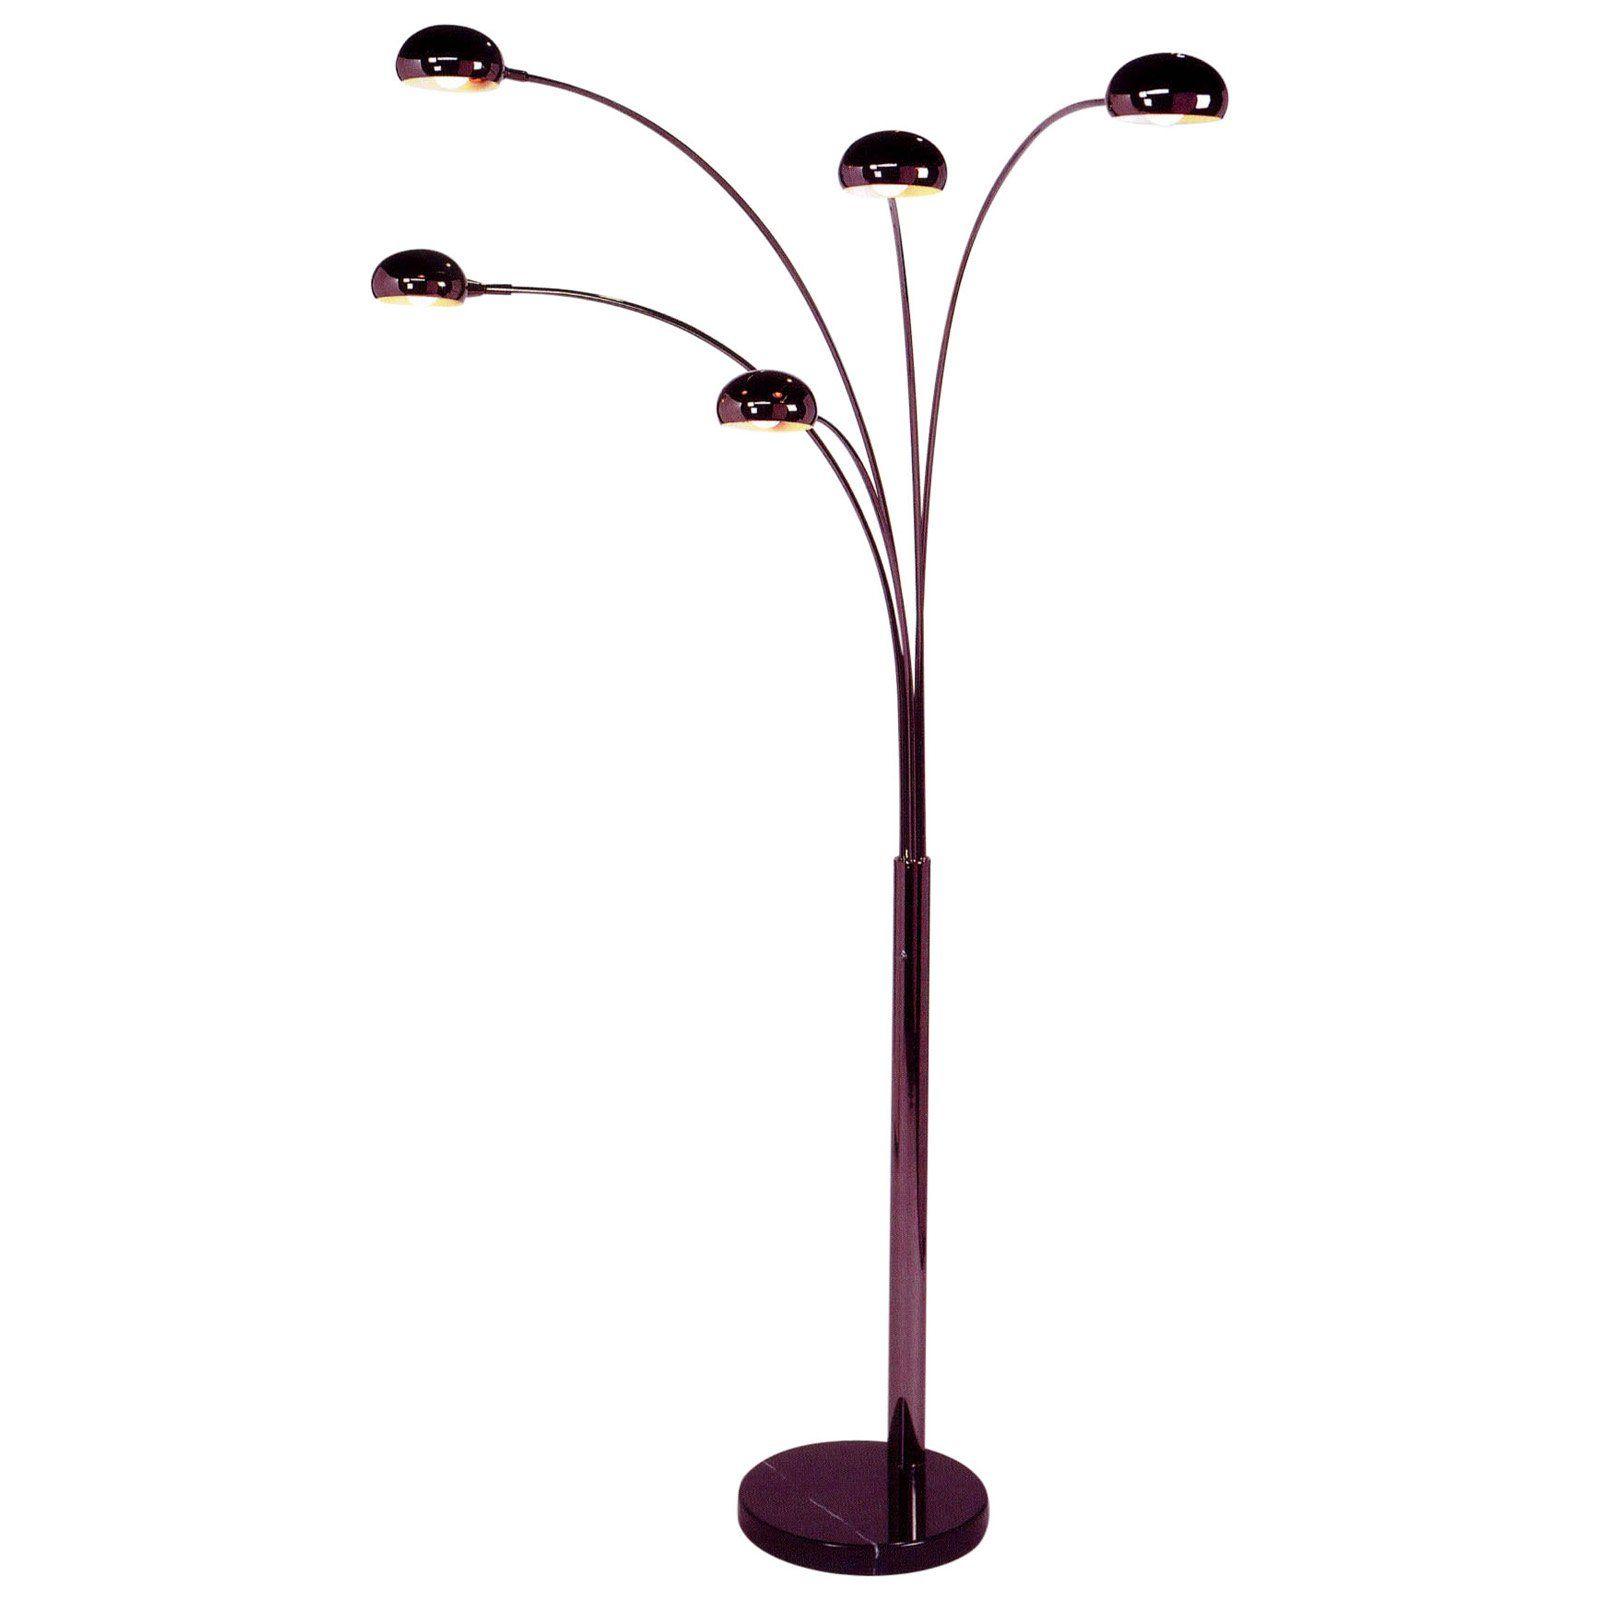 Nova Beleuchtung Mit Bildern Bodenlampe Lampen Stehlampe